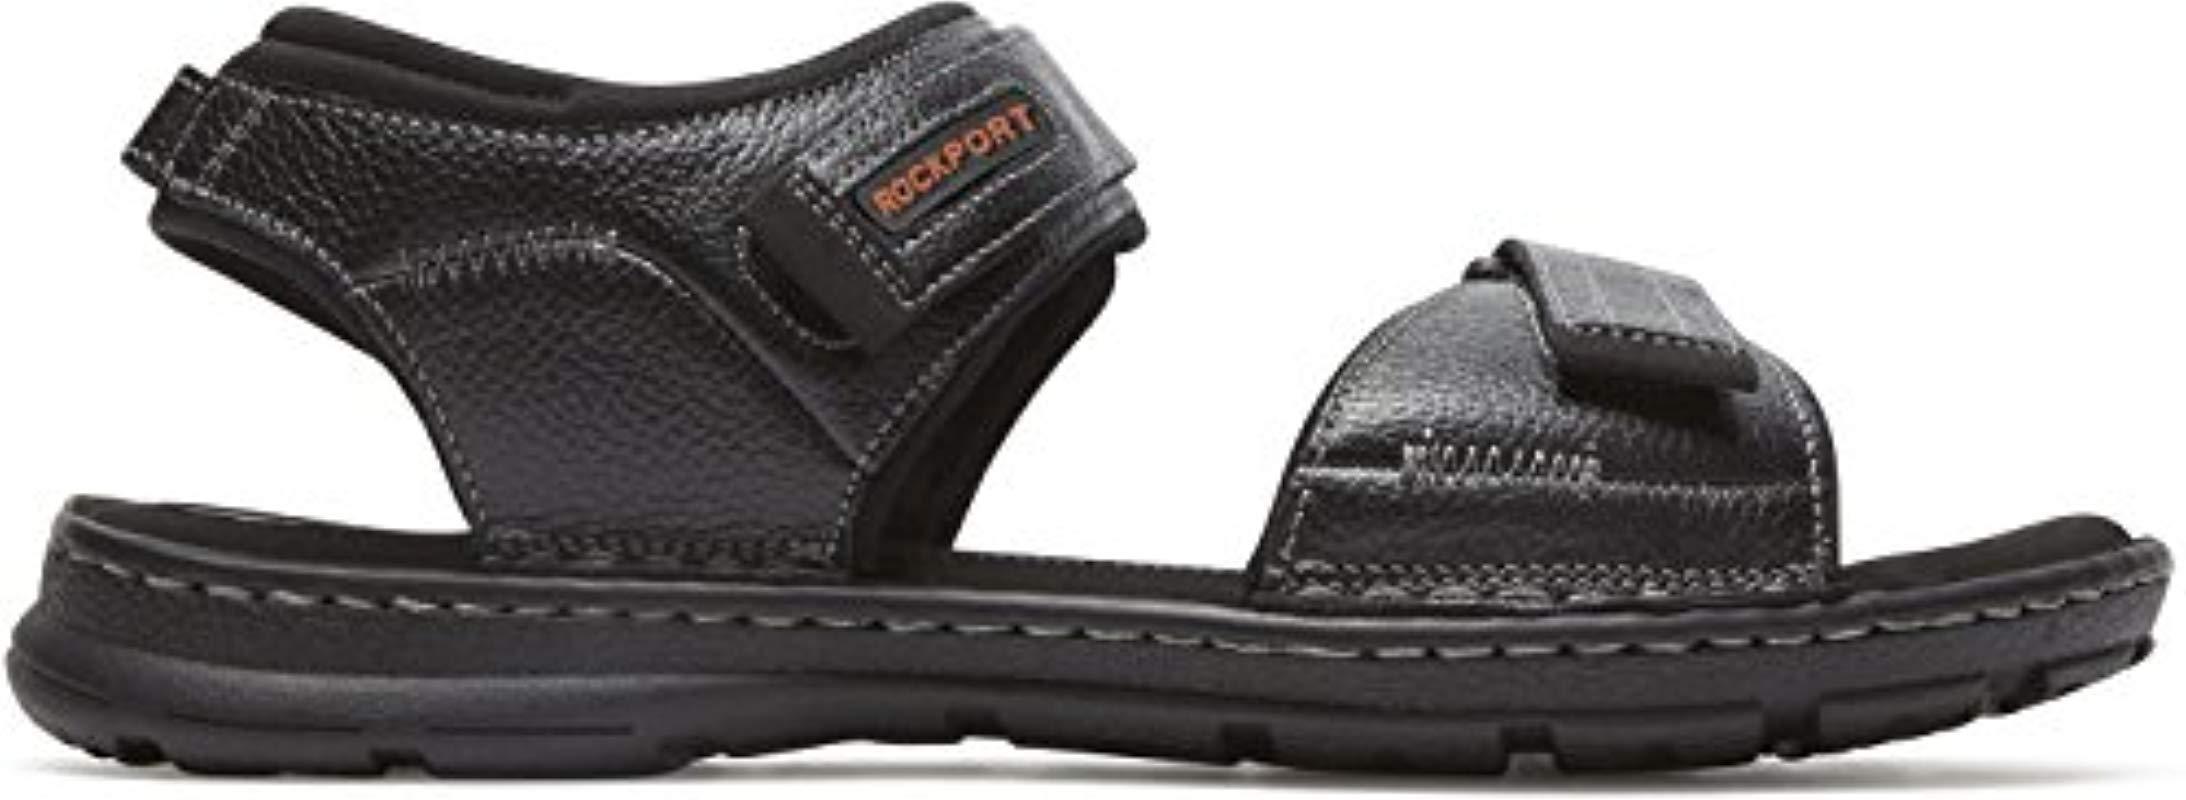 398312421 Lyst - Rockport Darwyn Quarter Strap Sandal in Black for Men - Save ...